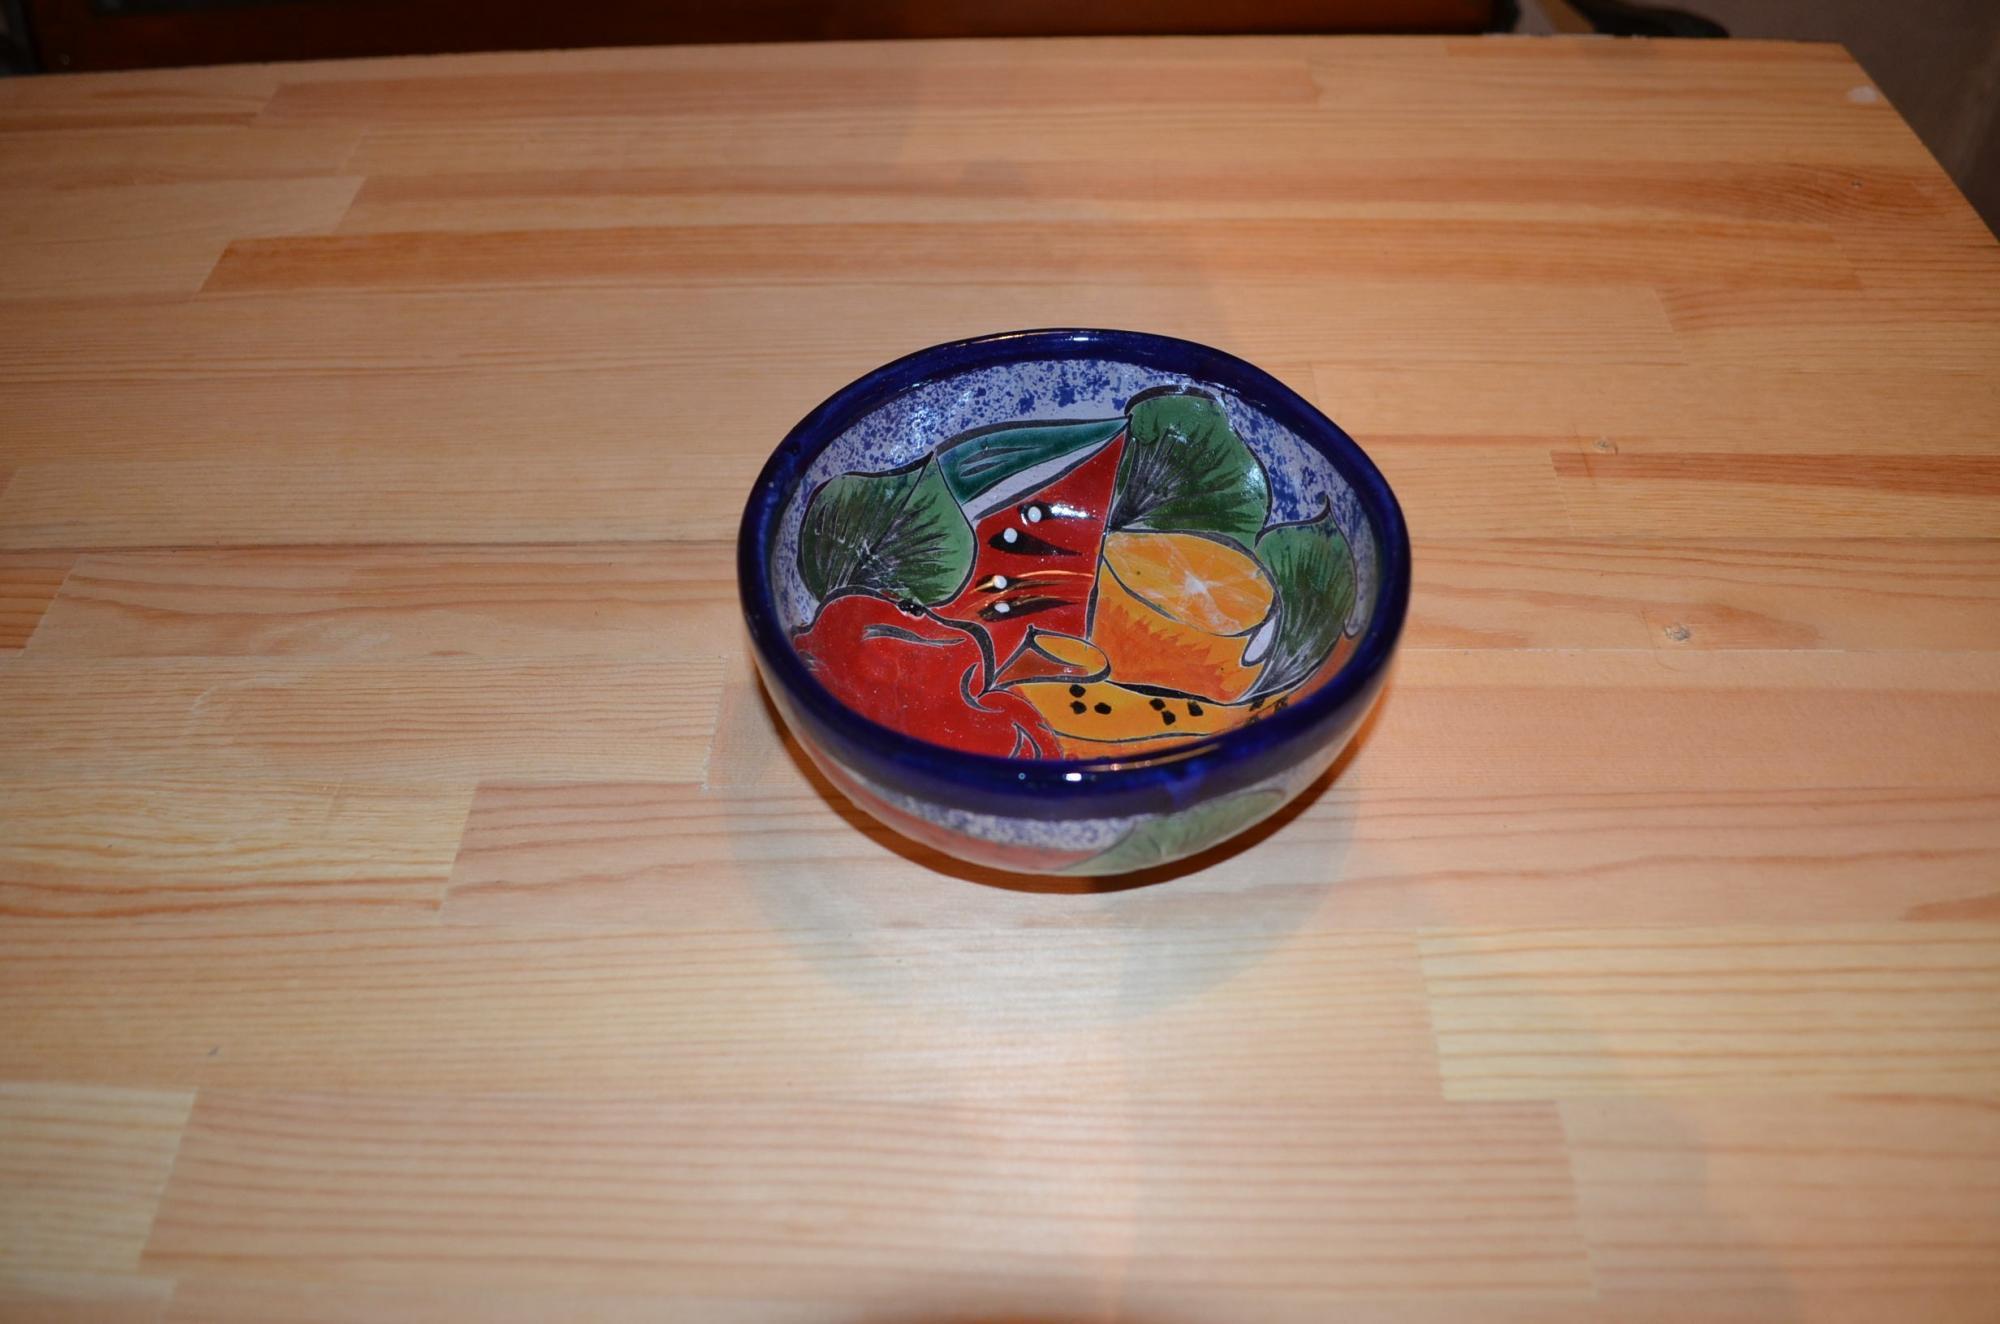 タラベラ焼 フルーツボウル(グァナファト産)